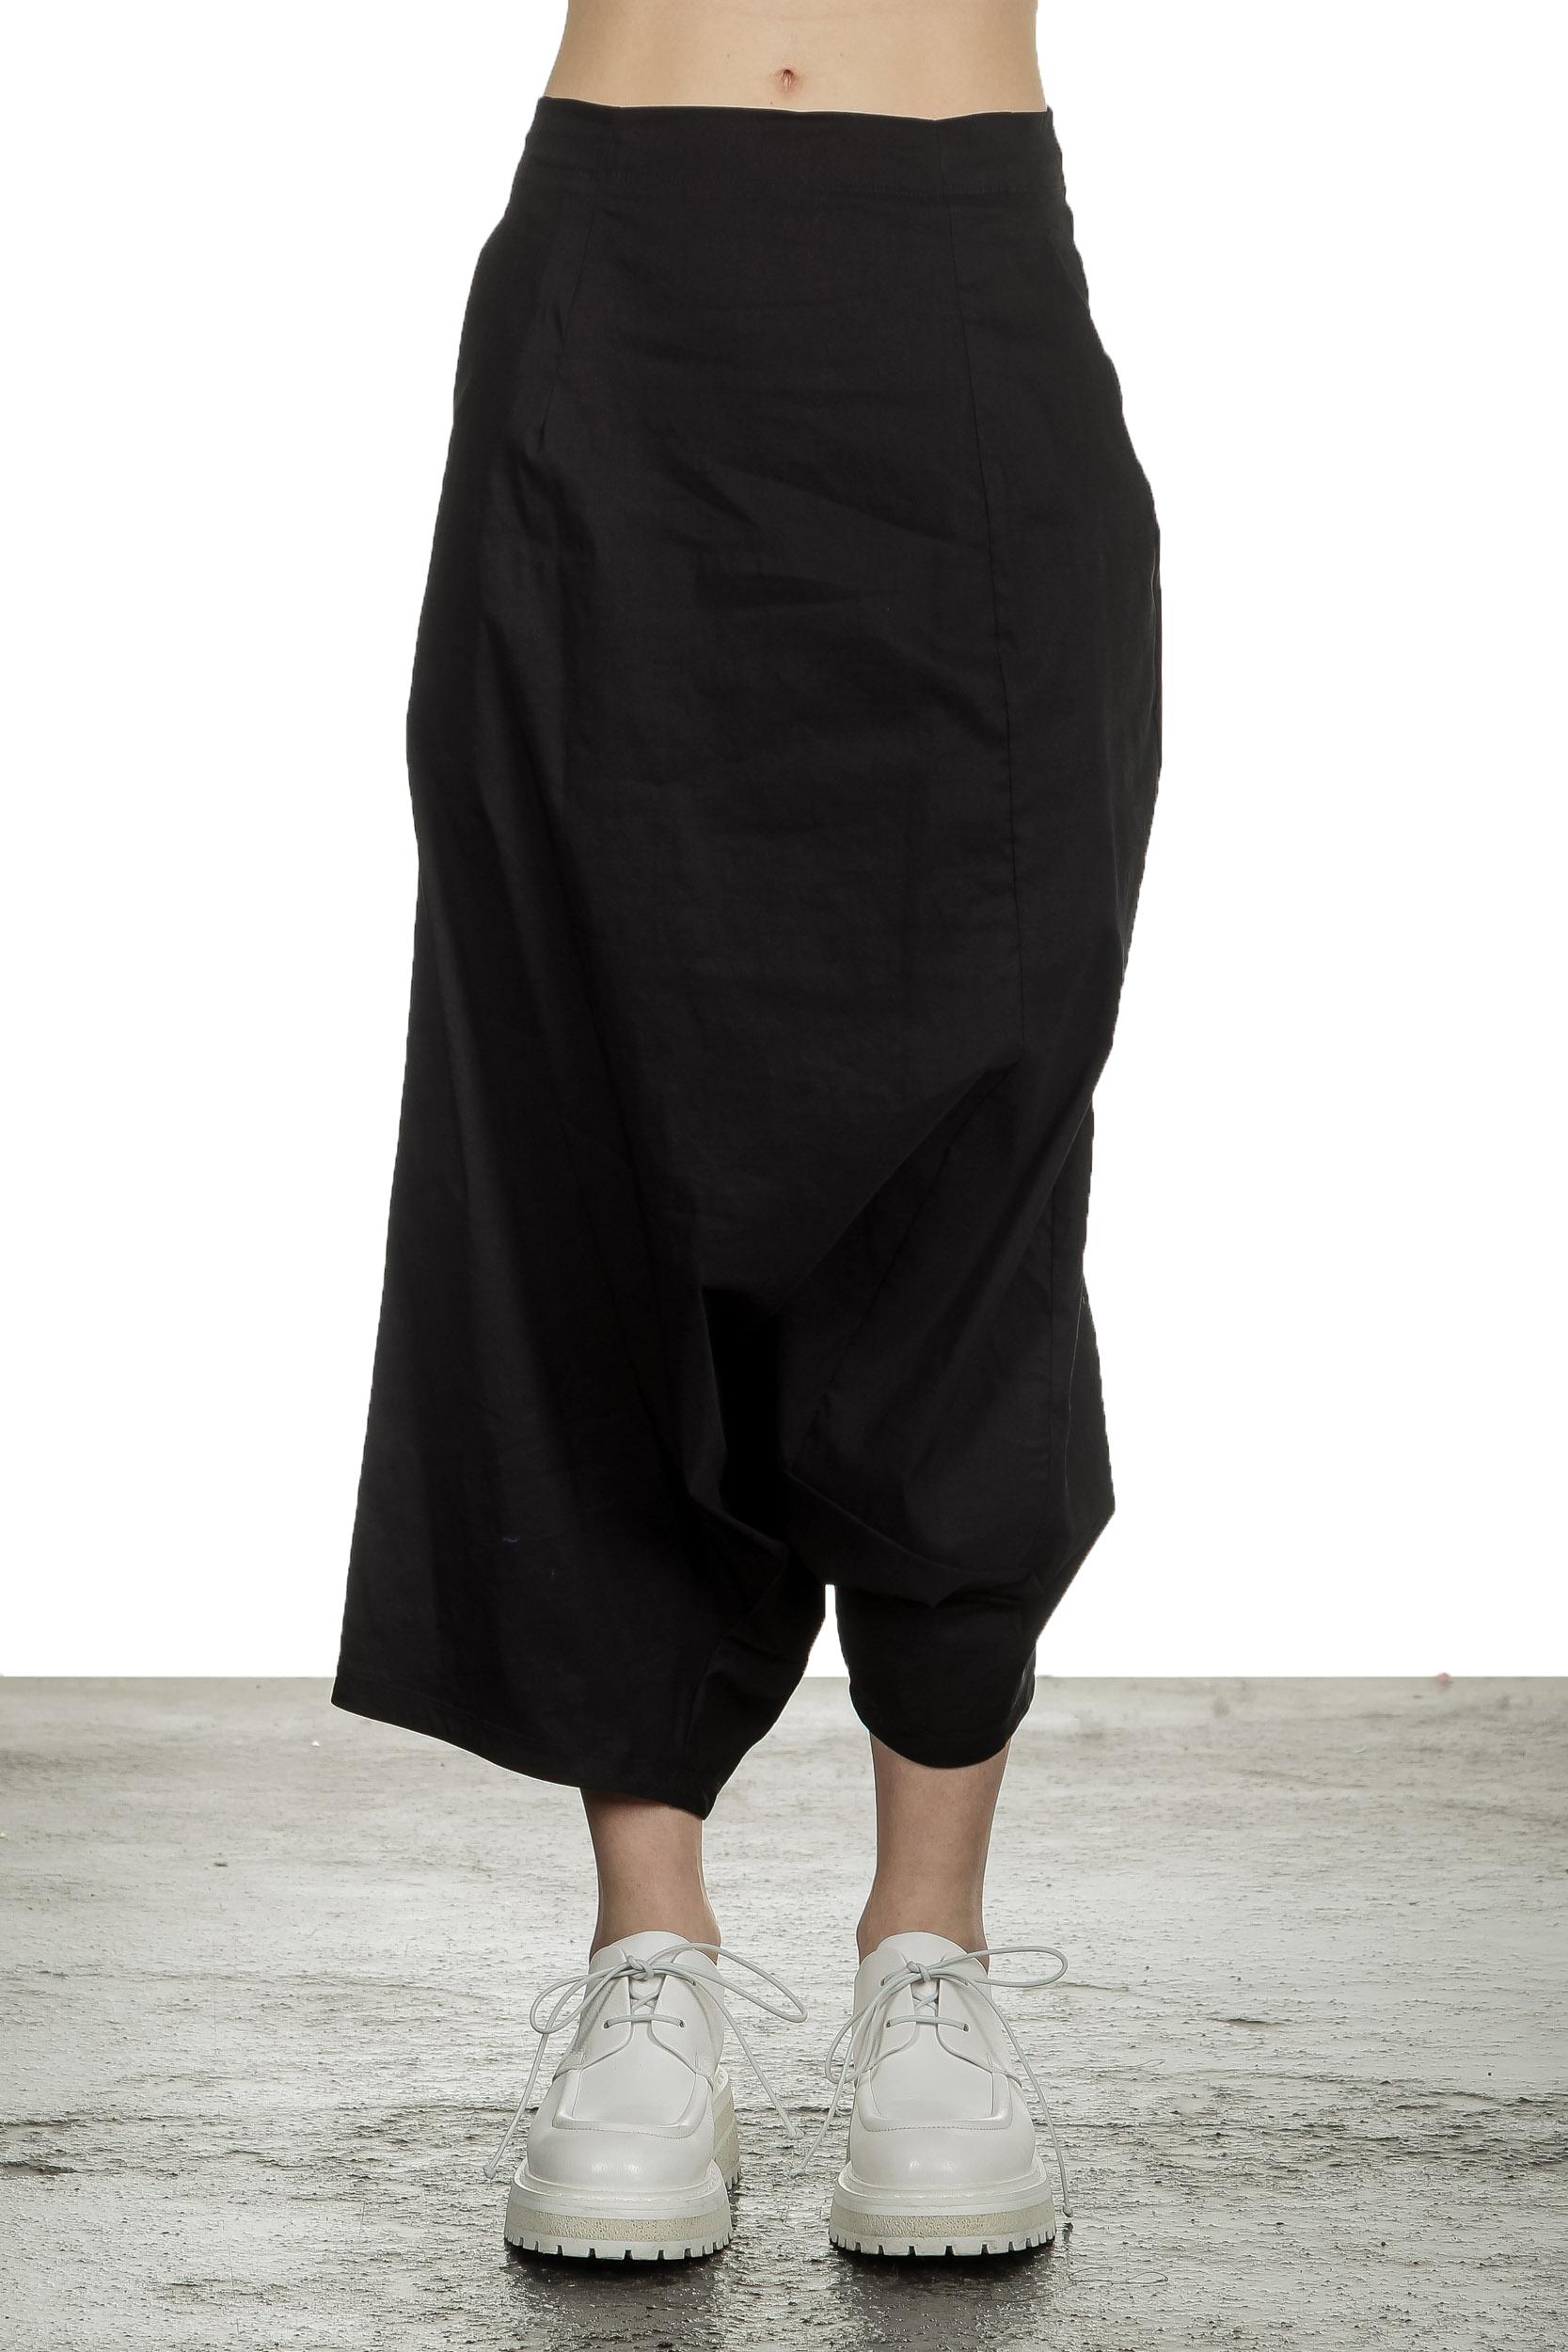 Hosen - Rundholz Damen Sarouel Hose mit hohem Bund schwarz  - Onlineshop Luxury Loft